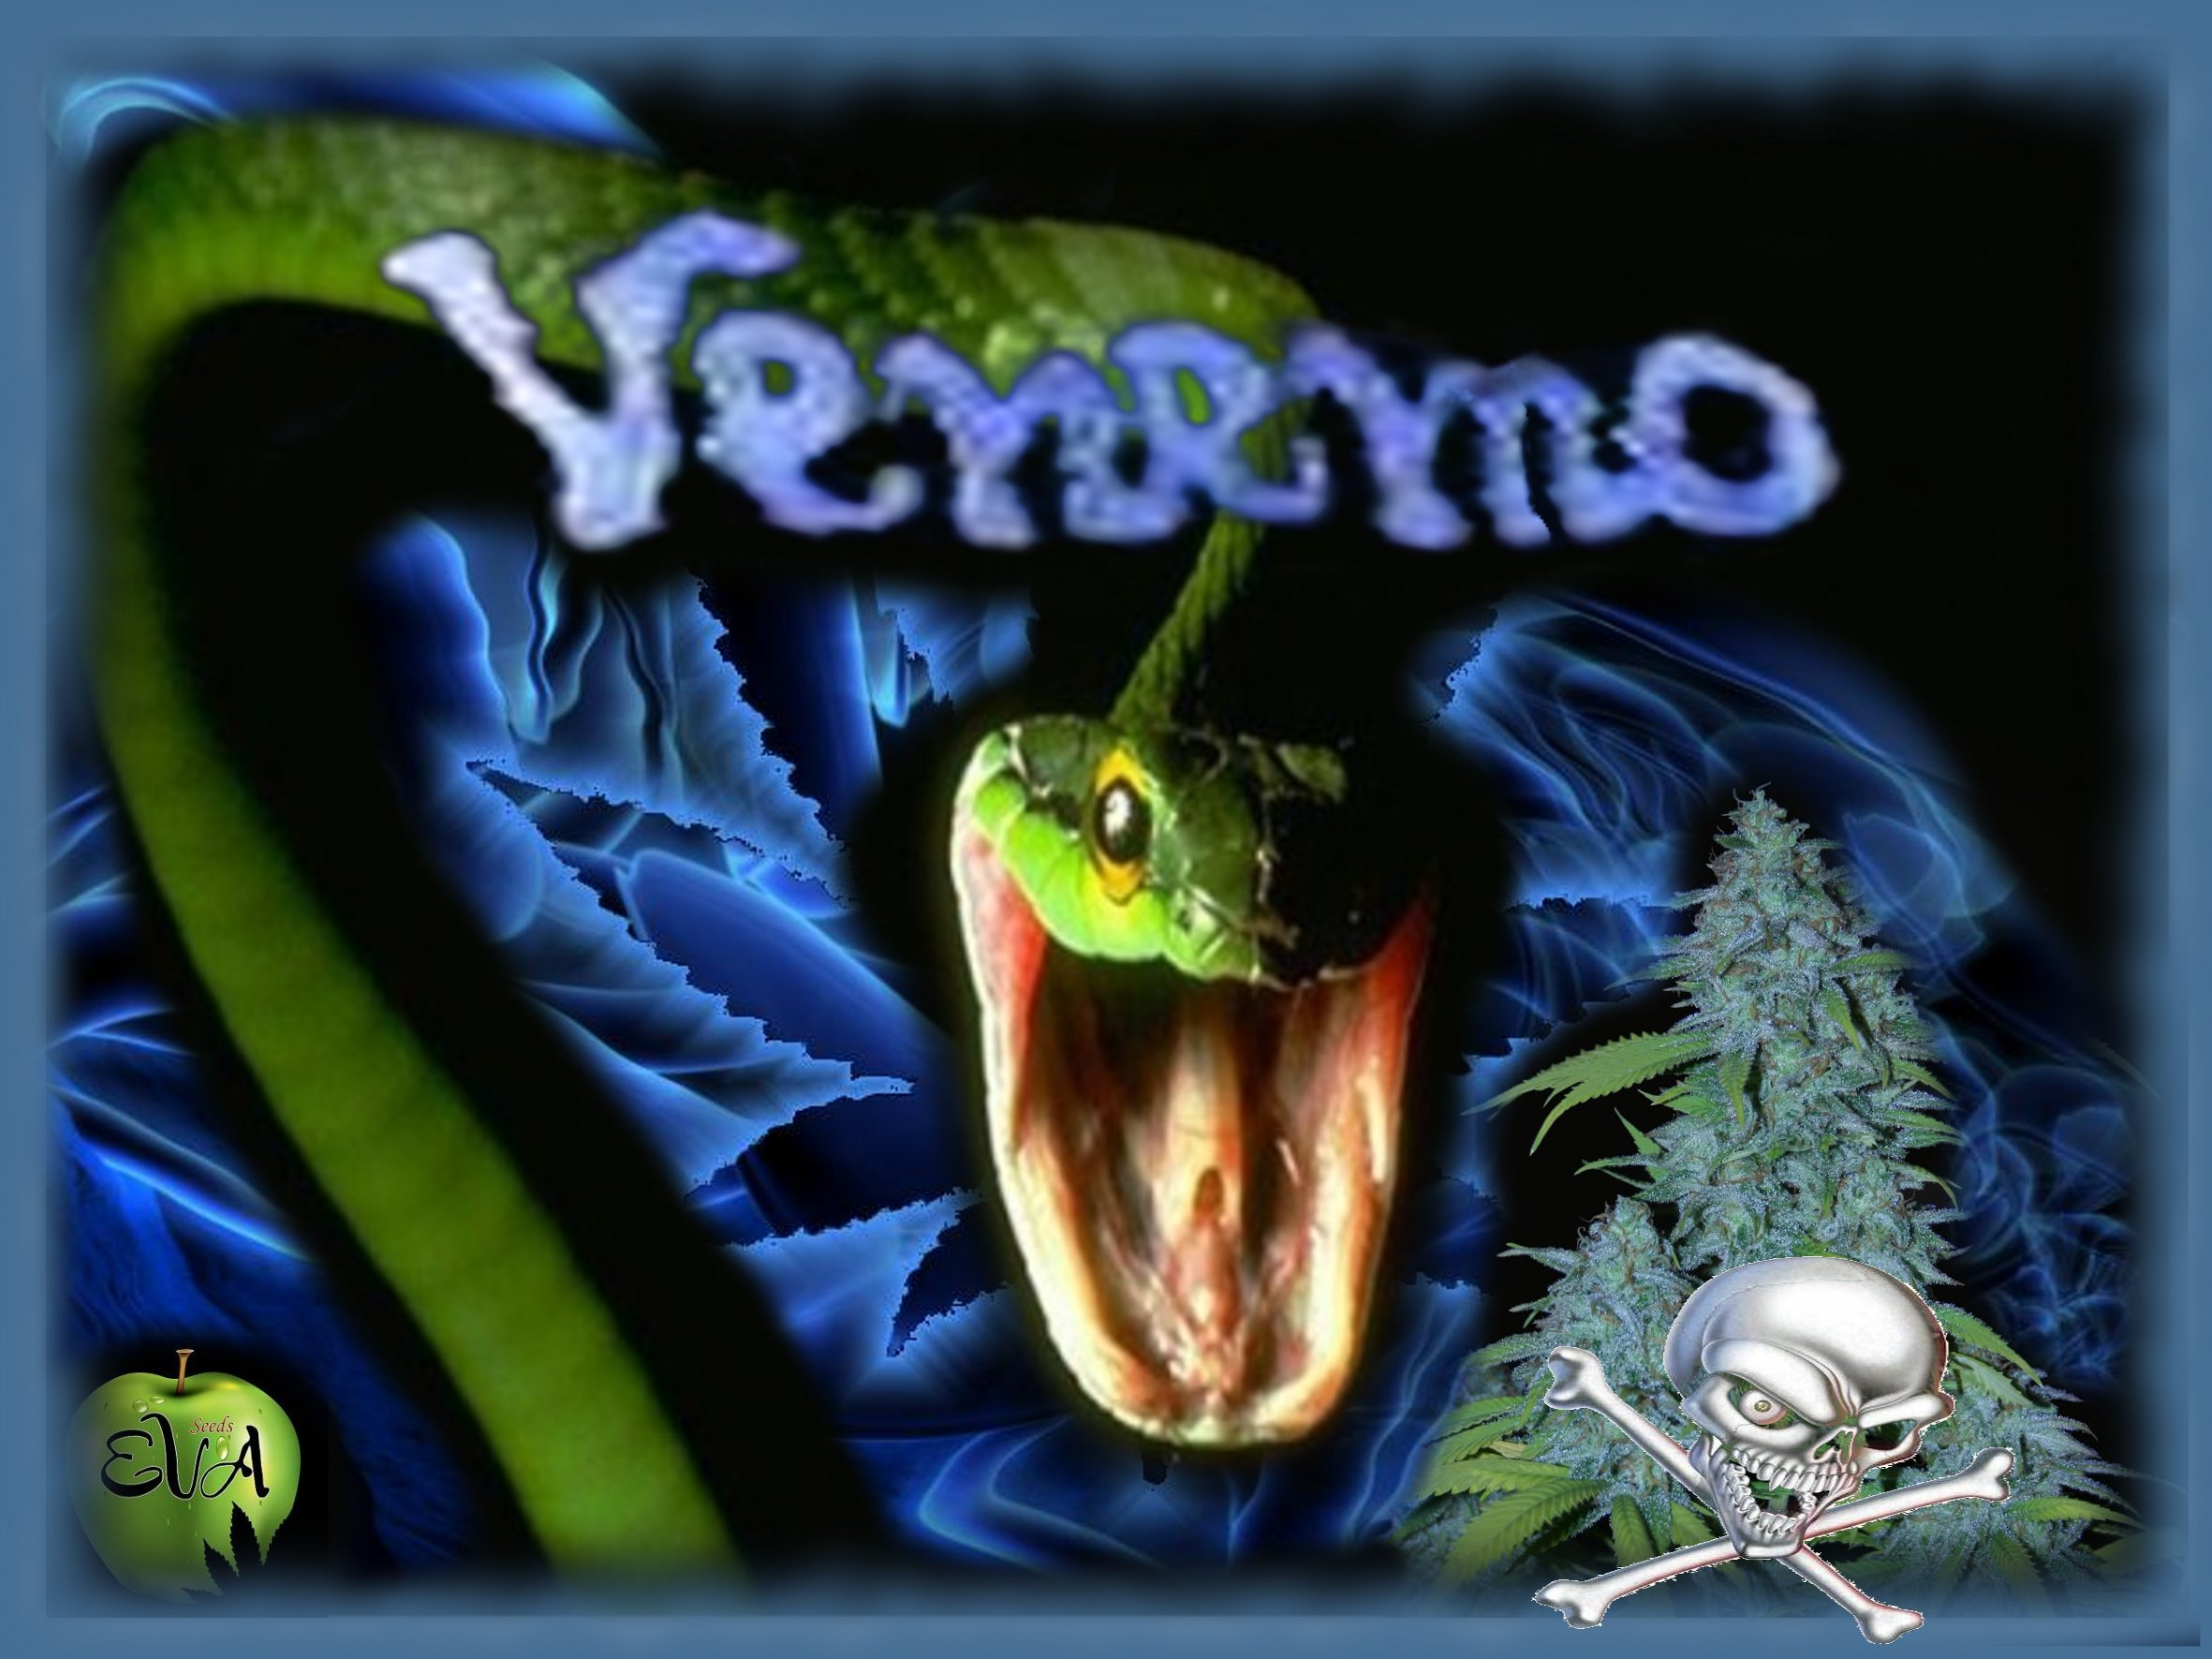 Venemo0.jpg